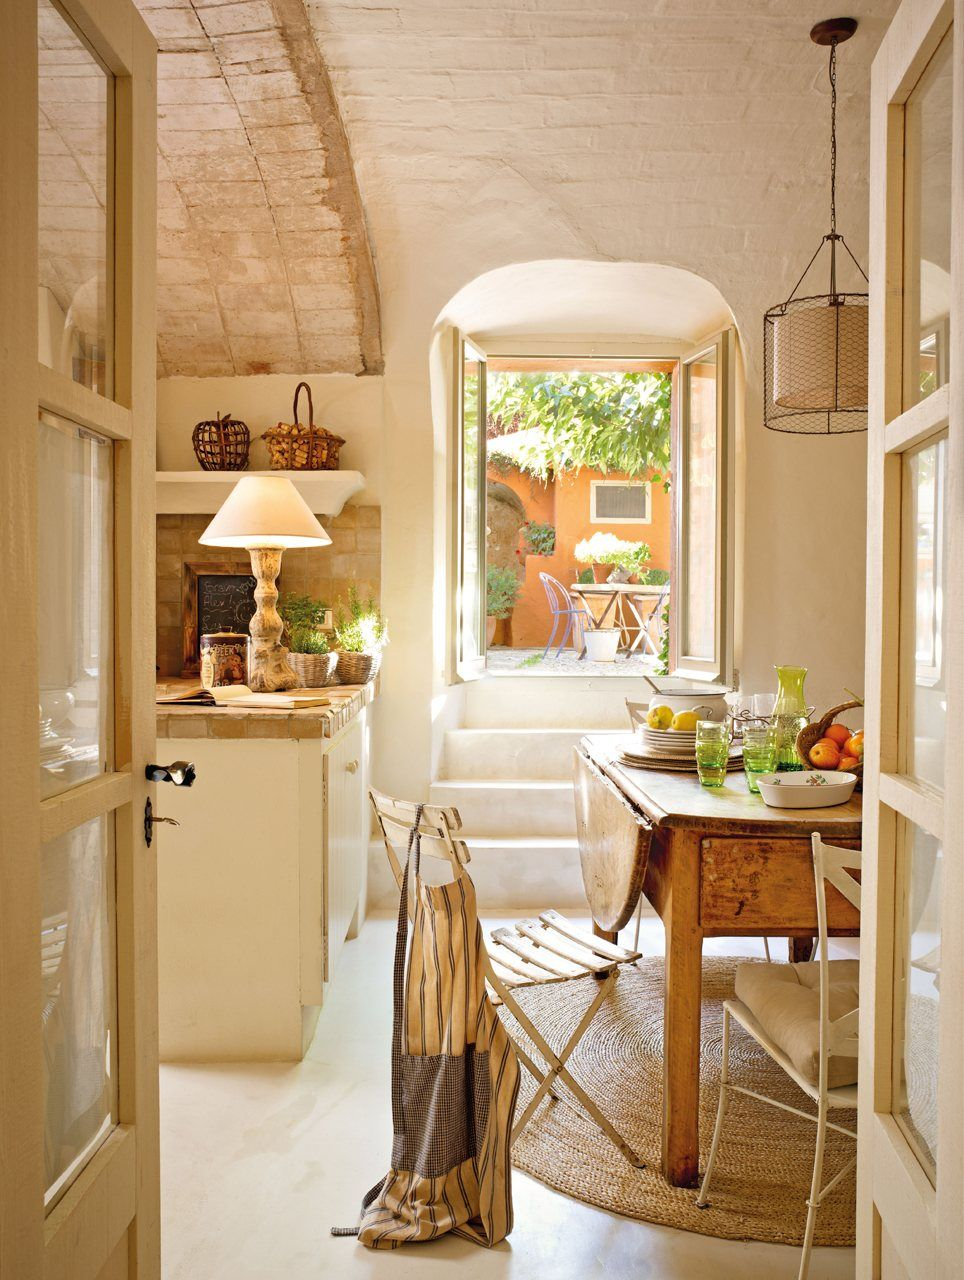 Una casa de pueblo llena de buenas ideas - Decoracion de casas de pueblo ...